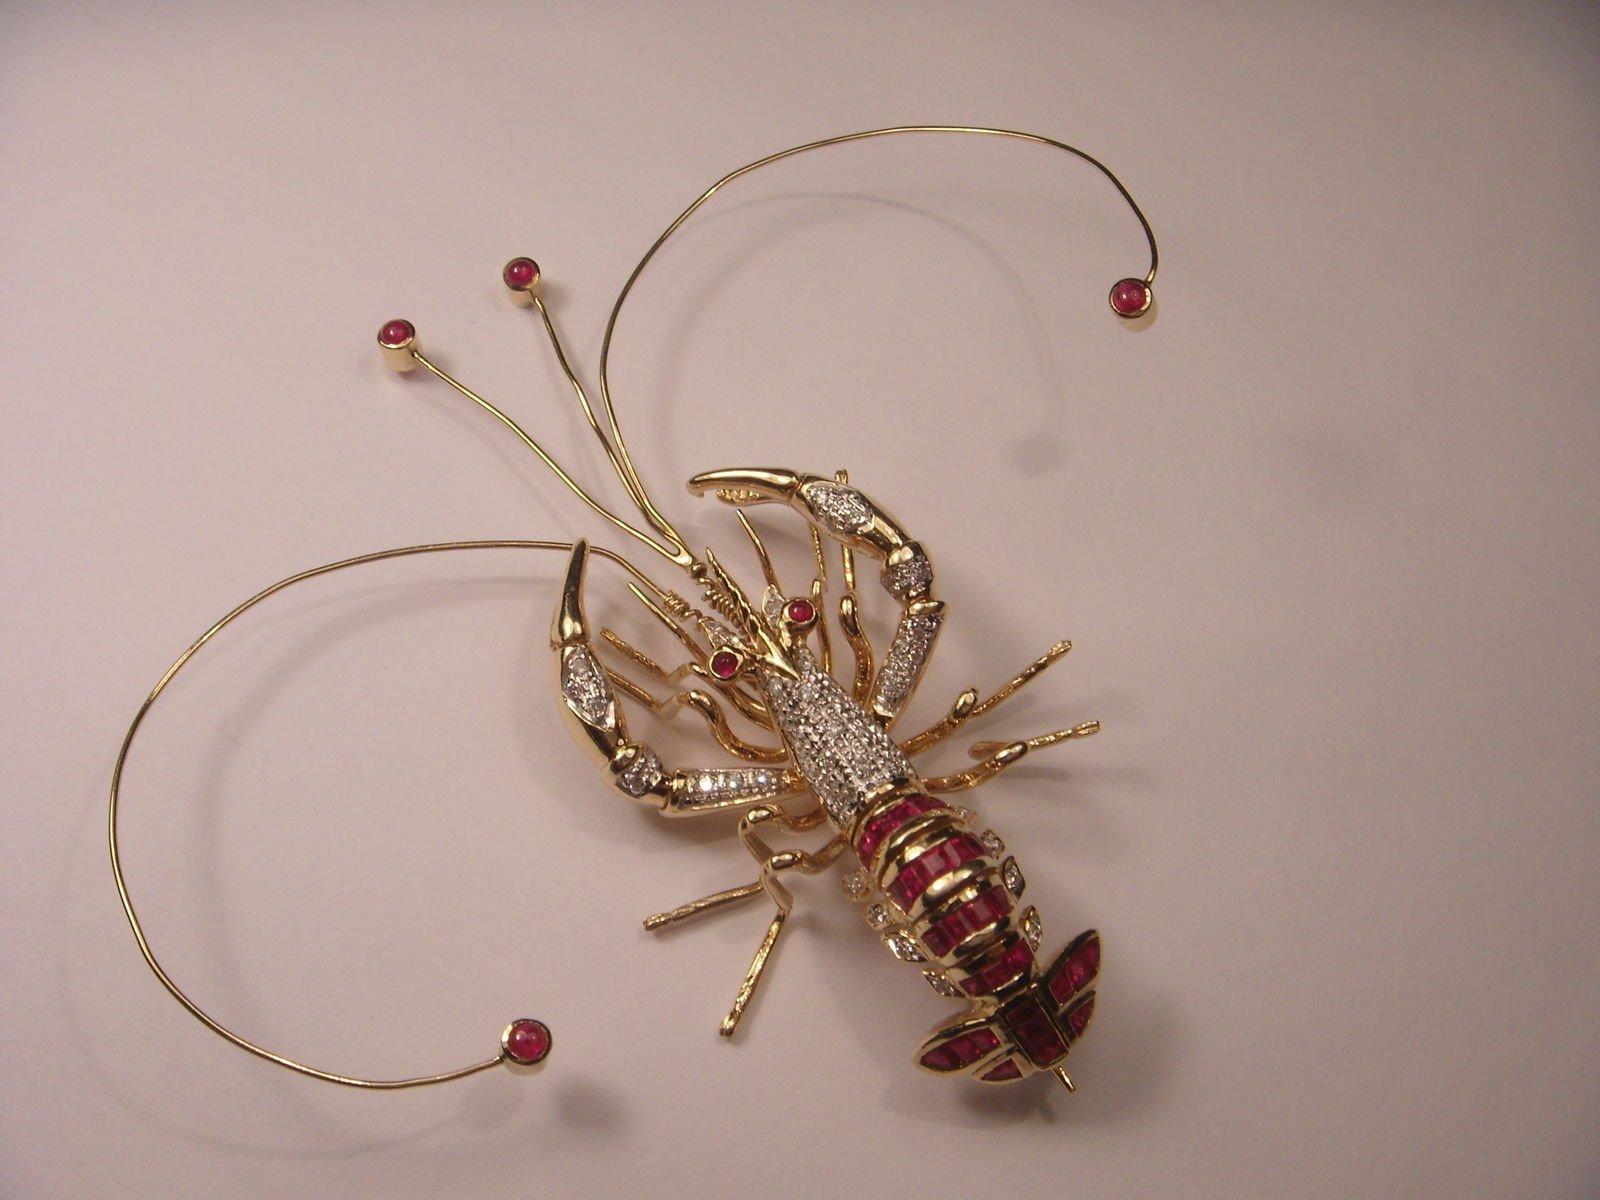 Rare Movable 14K Designer Lobster Crab Handmade Ruby Diamond Brooch Pin